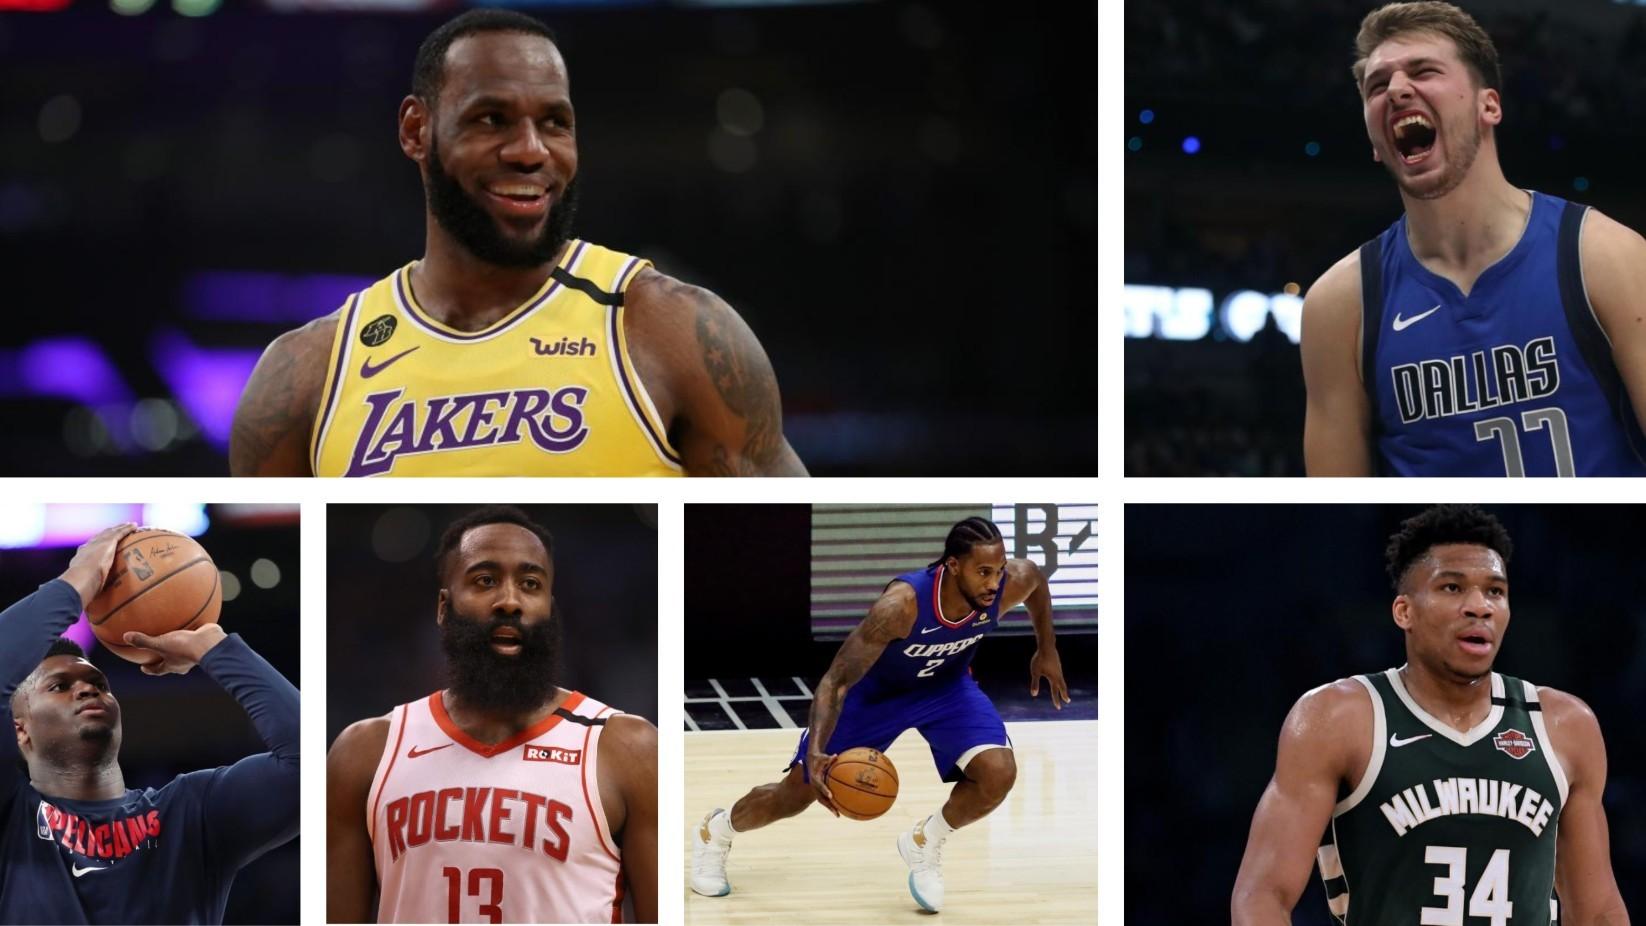 Lo que se juegan las estrellas de la NBA en la reanudación de la temporada